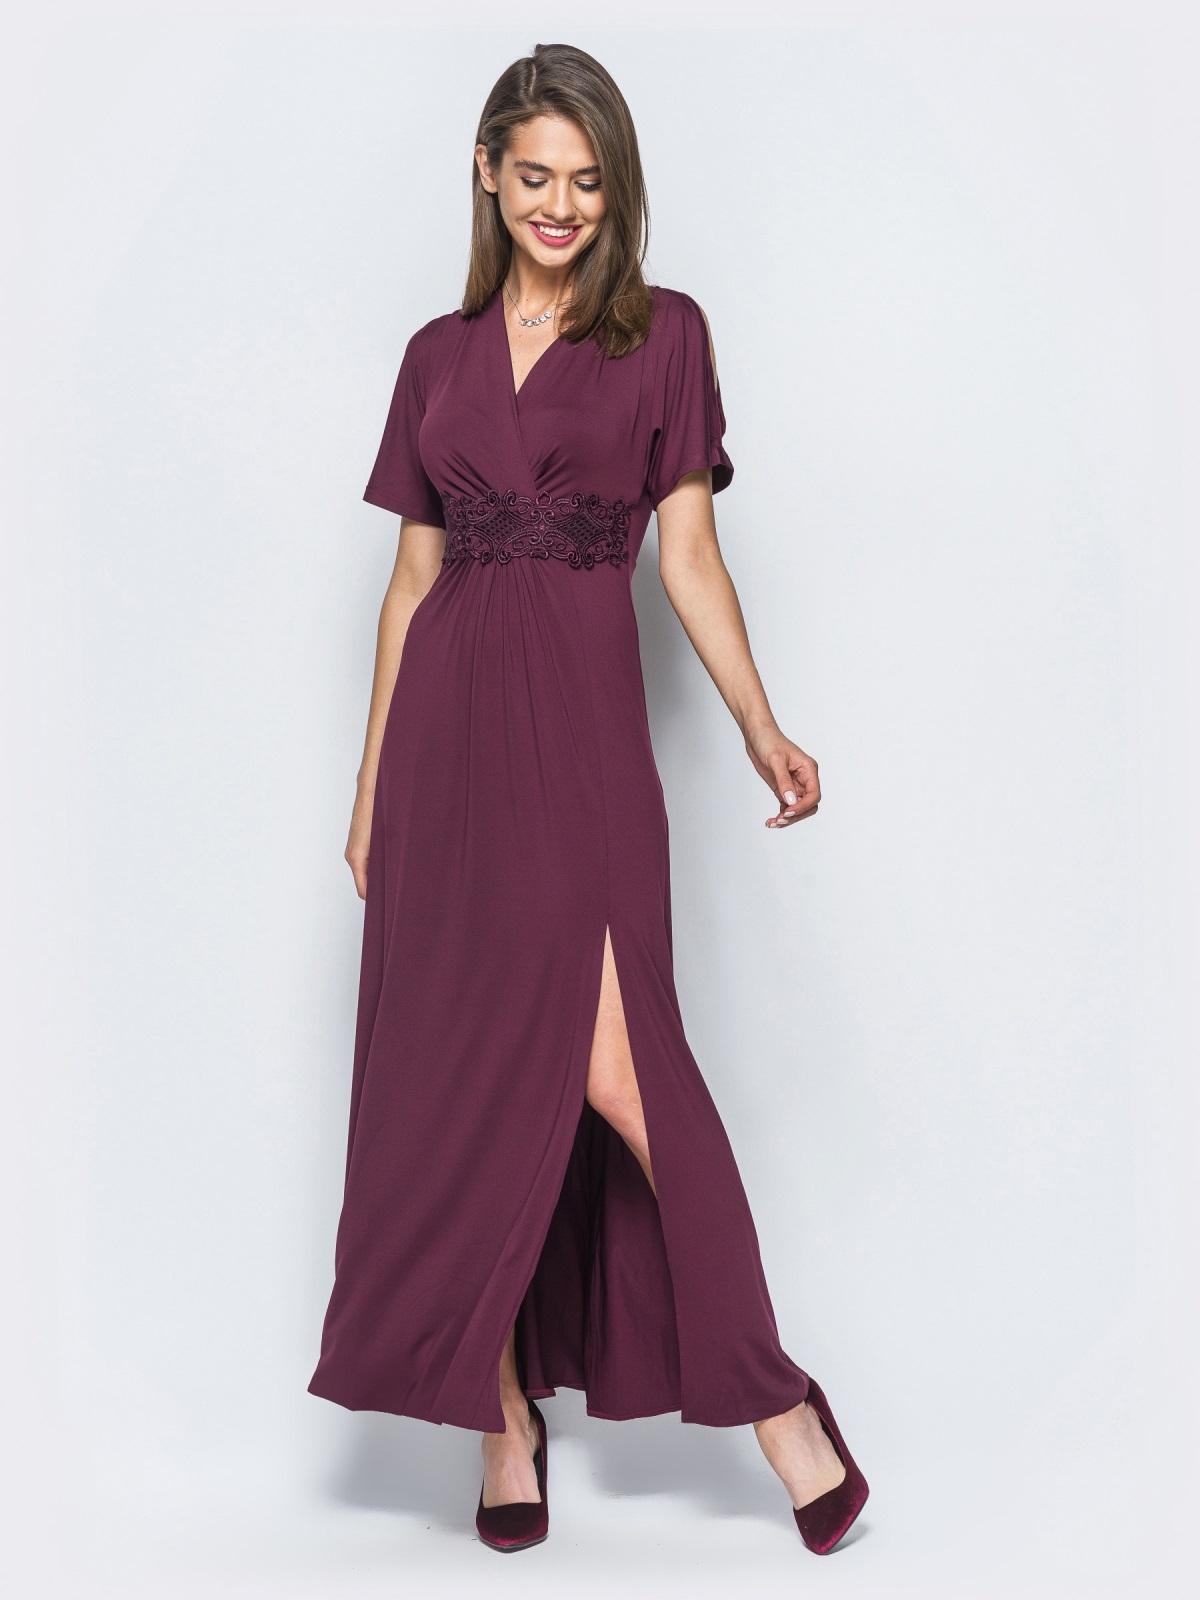 Трикотажное платье с высоким разрезом бордовое - 17909, фото 1 –  интернет-магазин Dressa b1f104b6e49